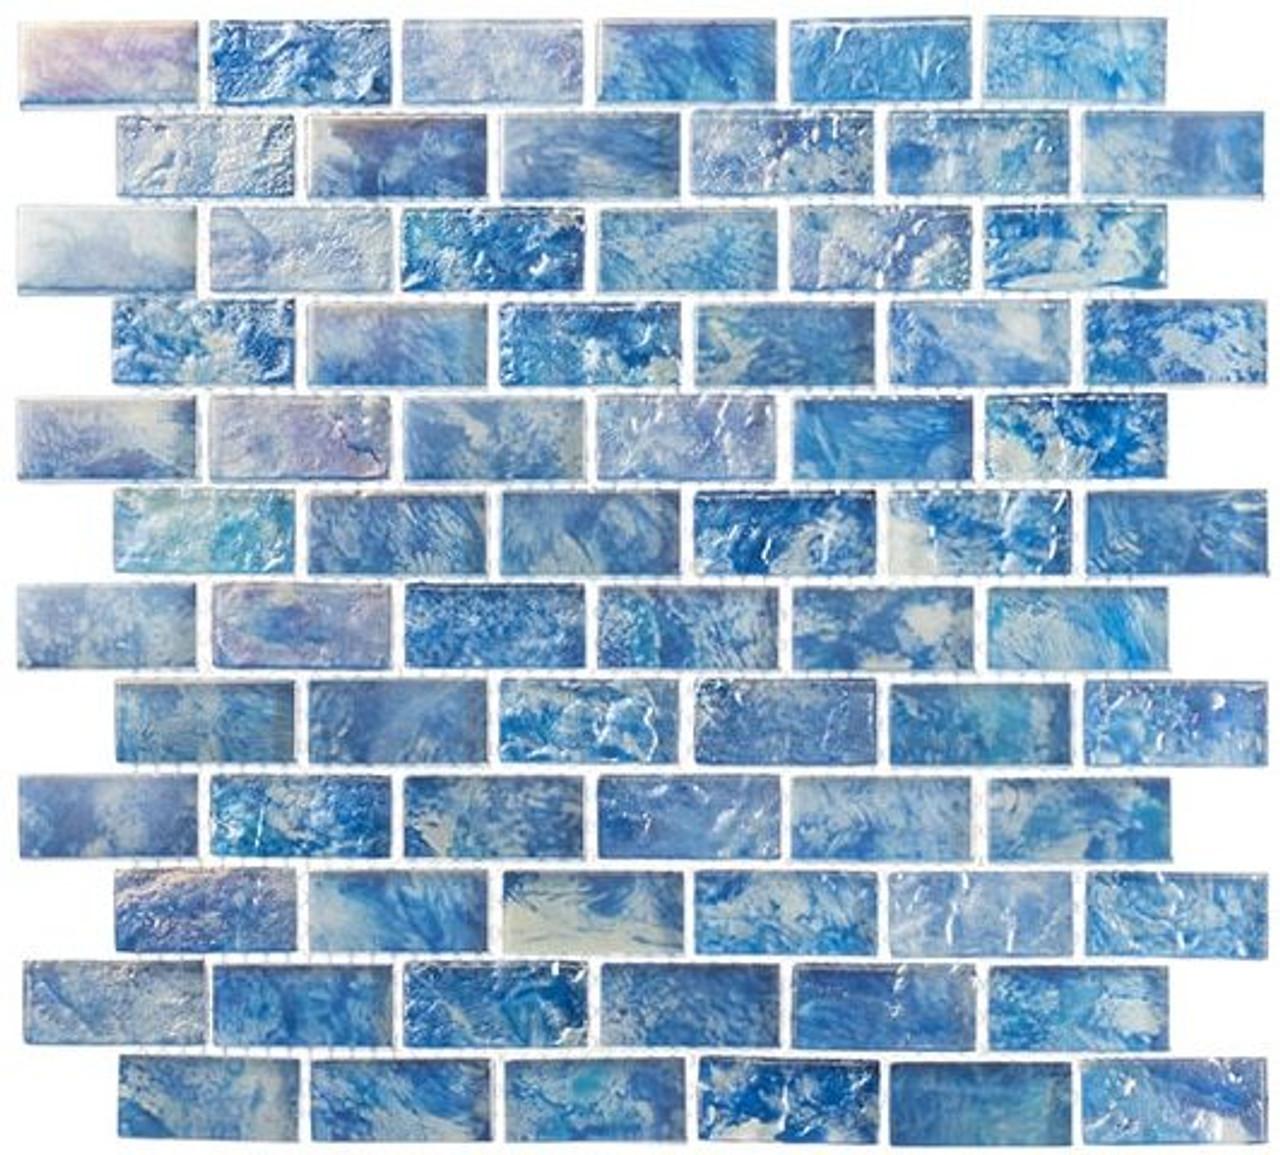 Bella Glass Tiles Mykonos Harbor Series Neon Waters